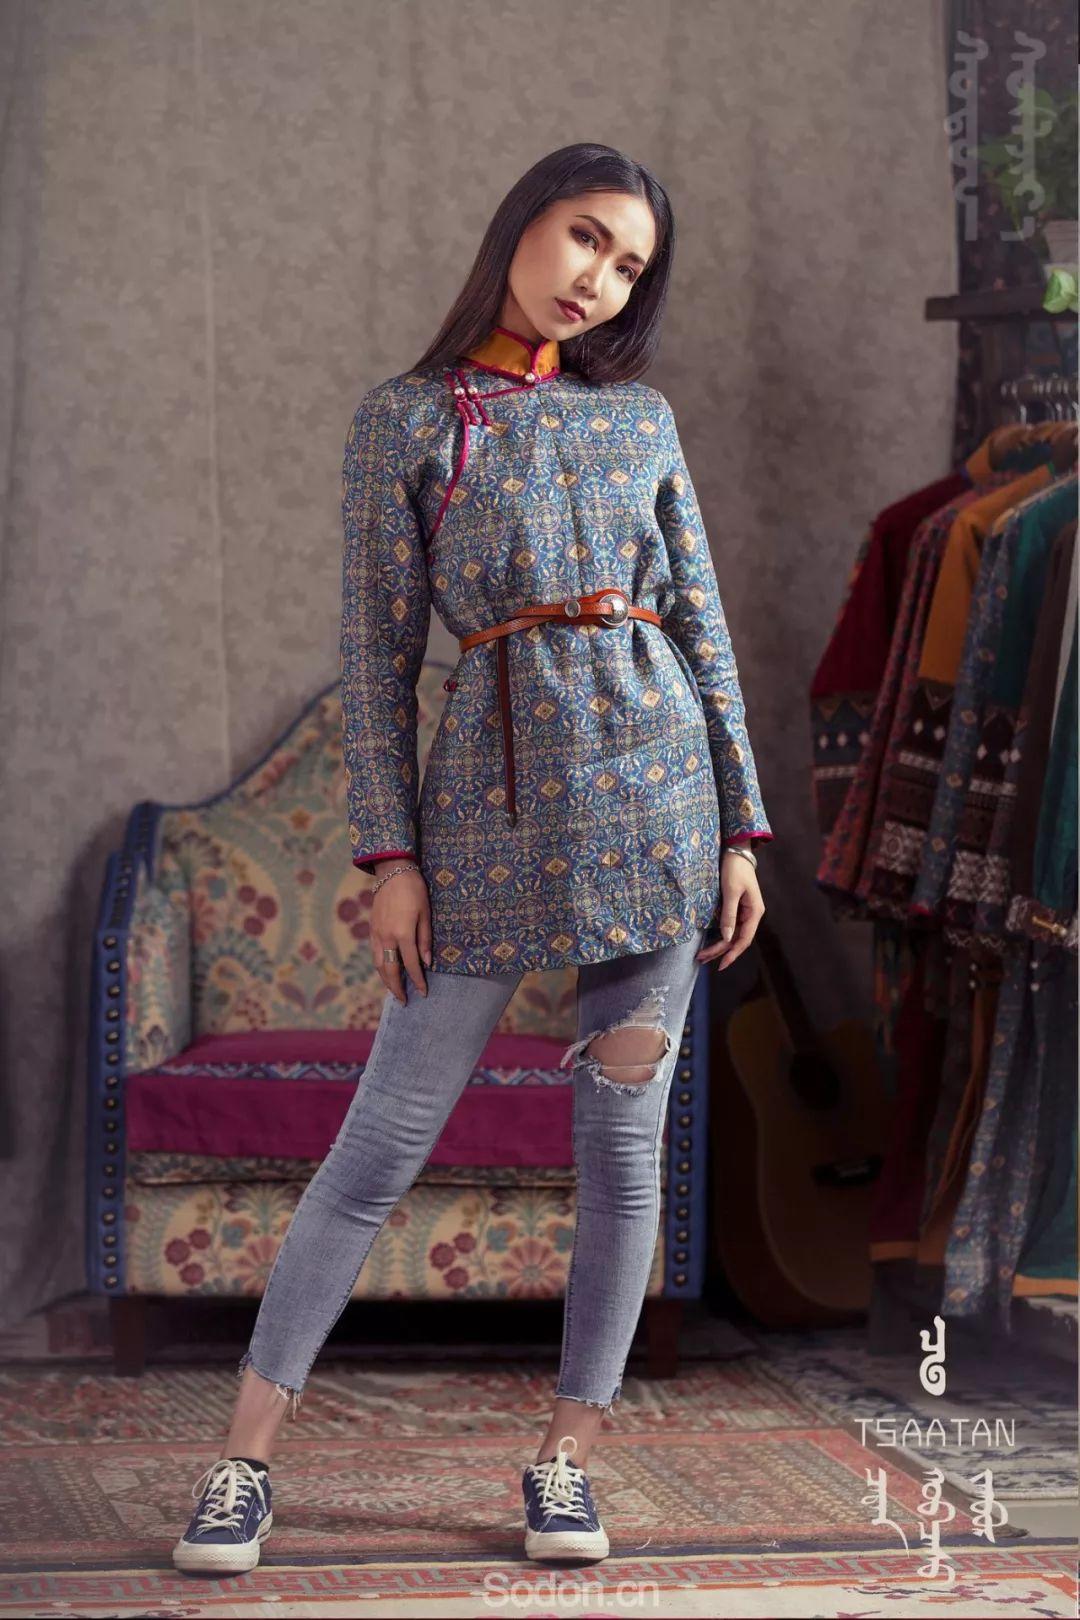 TSAATAN蒙古时装 2019新款,来自驯鹿人的独特魅力! 第21张